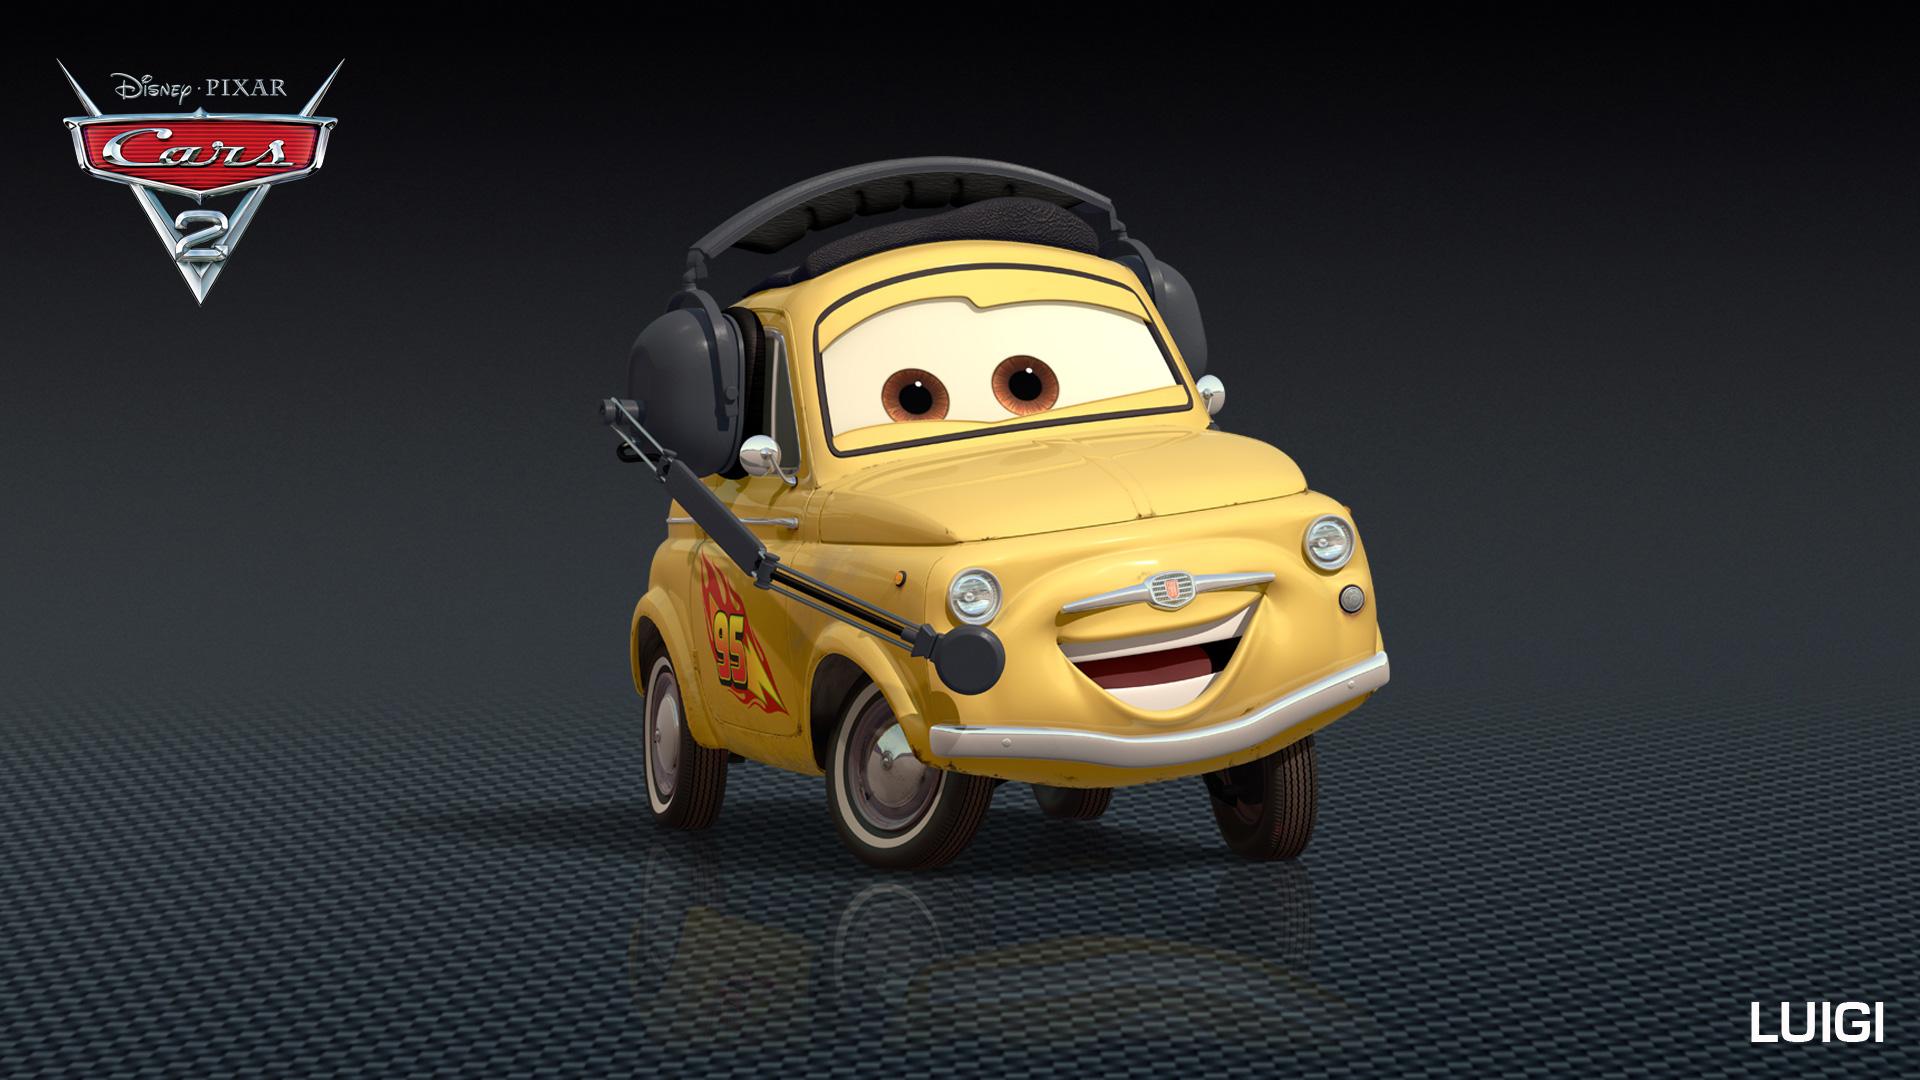 Disney Pixar Cars  Cars 2  Nouveaux Personnages